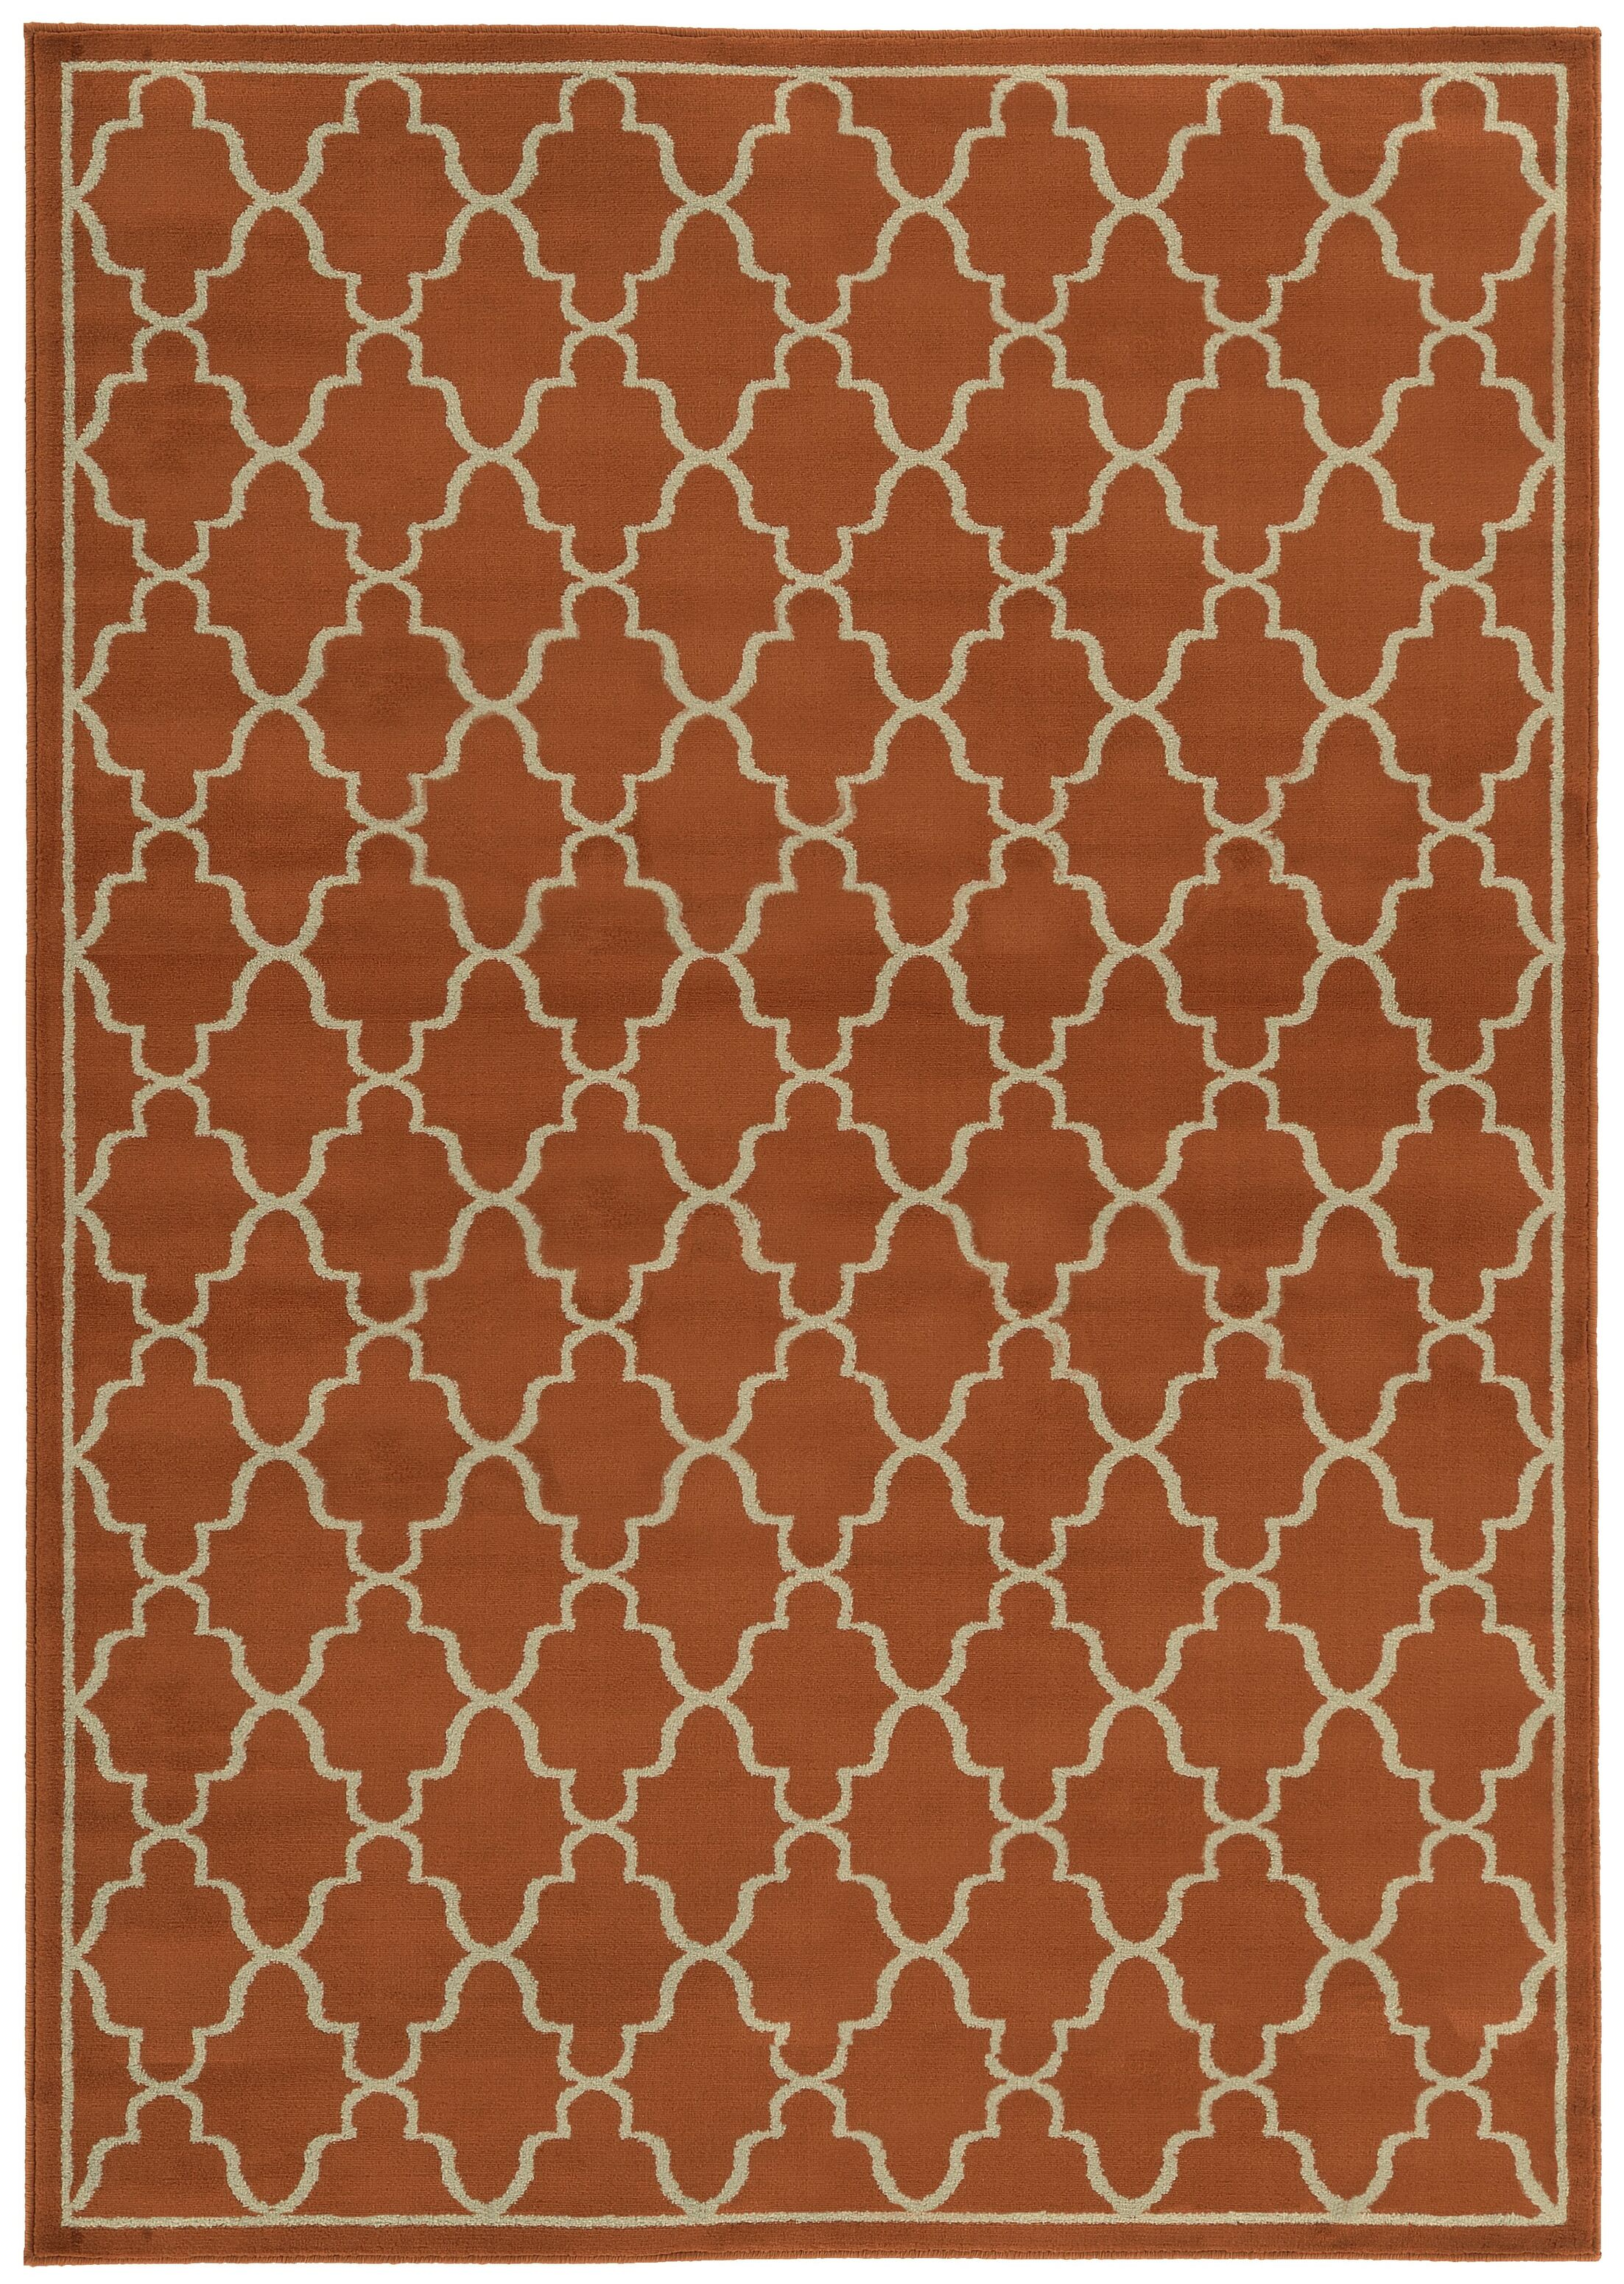 Delshire Lattice Orange Area Rug Rug Size: Rectangle 5'3